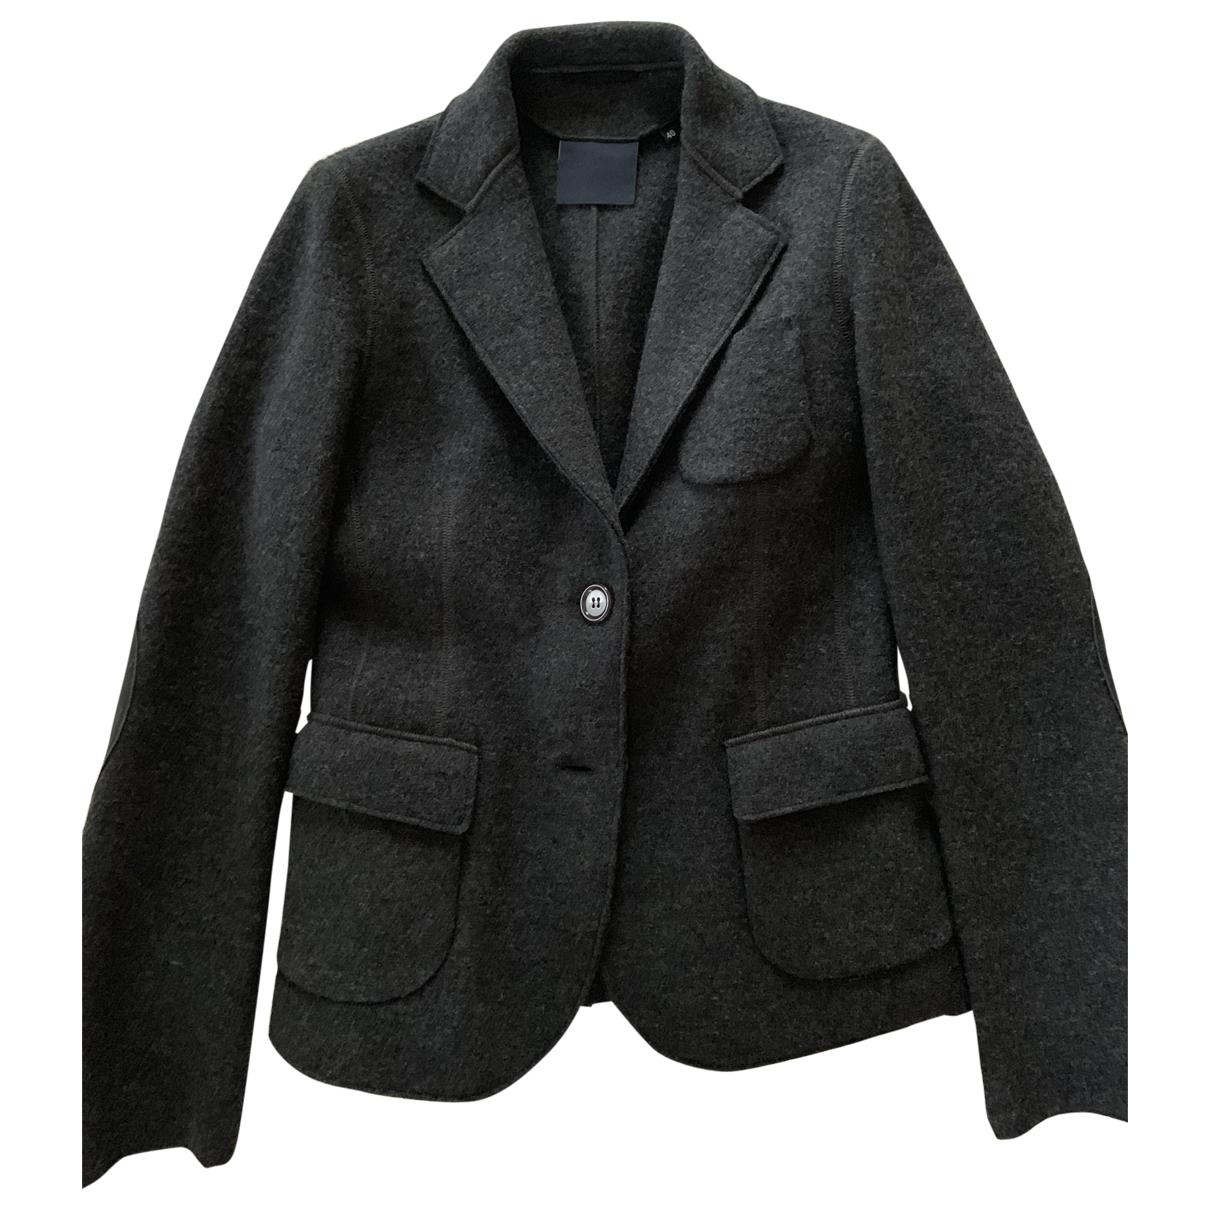 Aspesi \N Jacke in  Grau Wolle